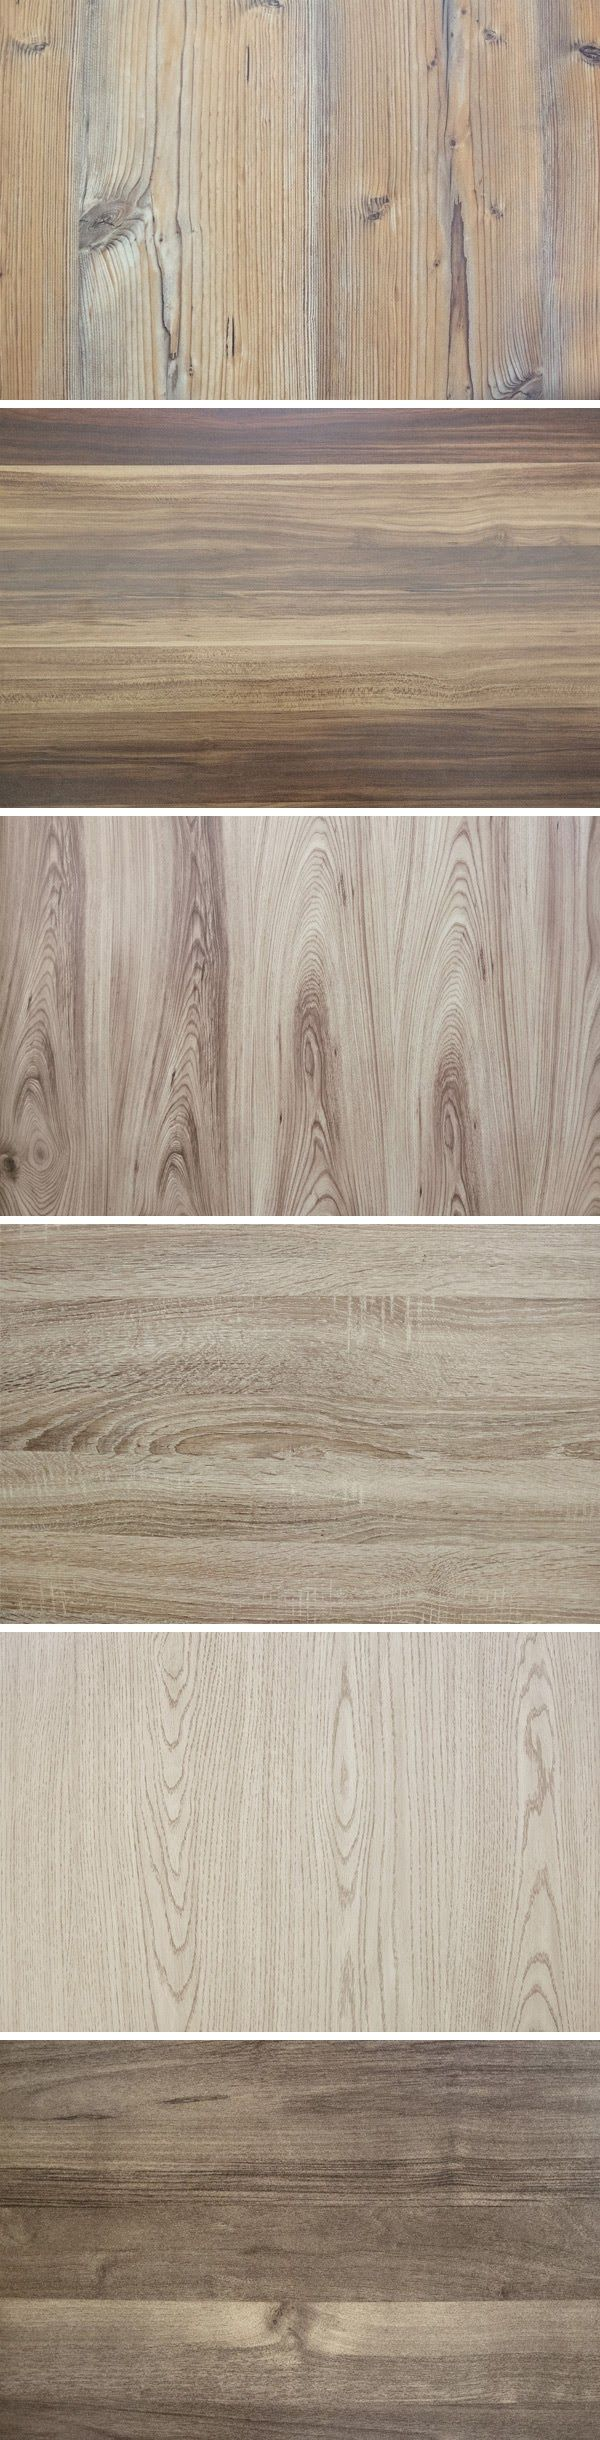 6 Fine Wood Textures